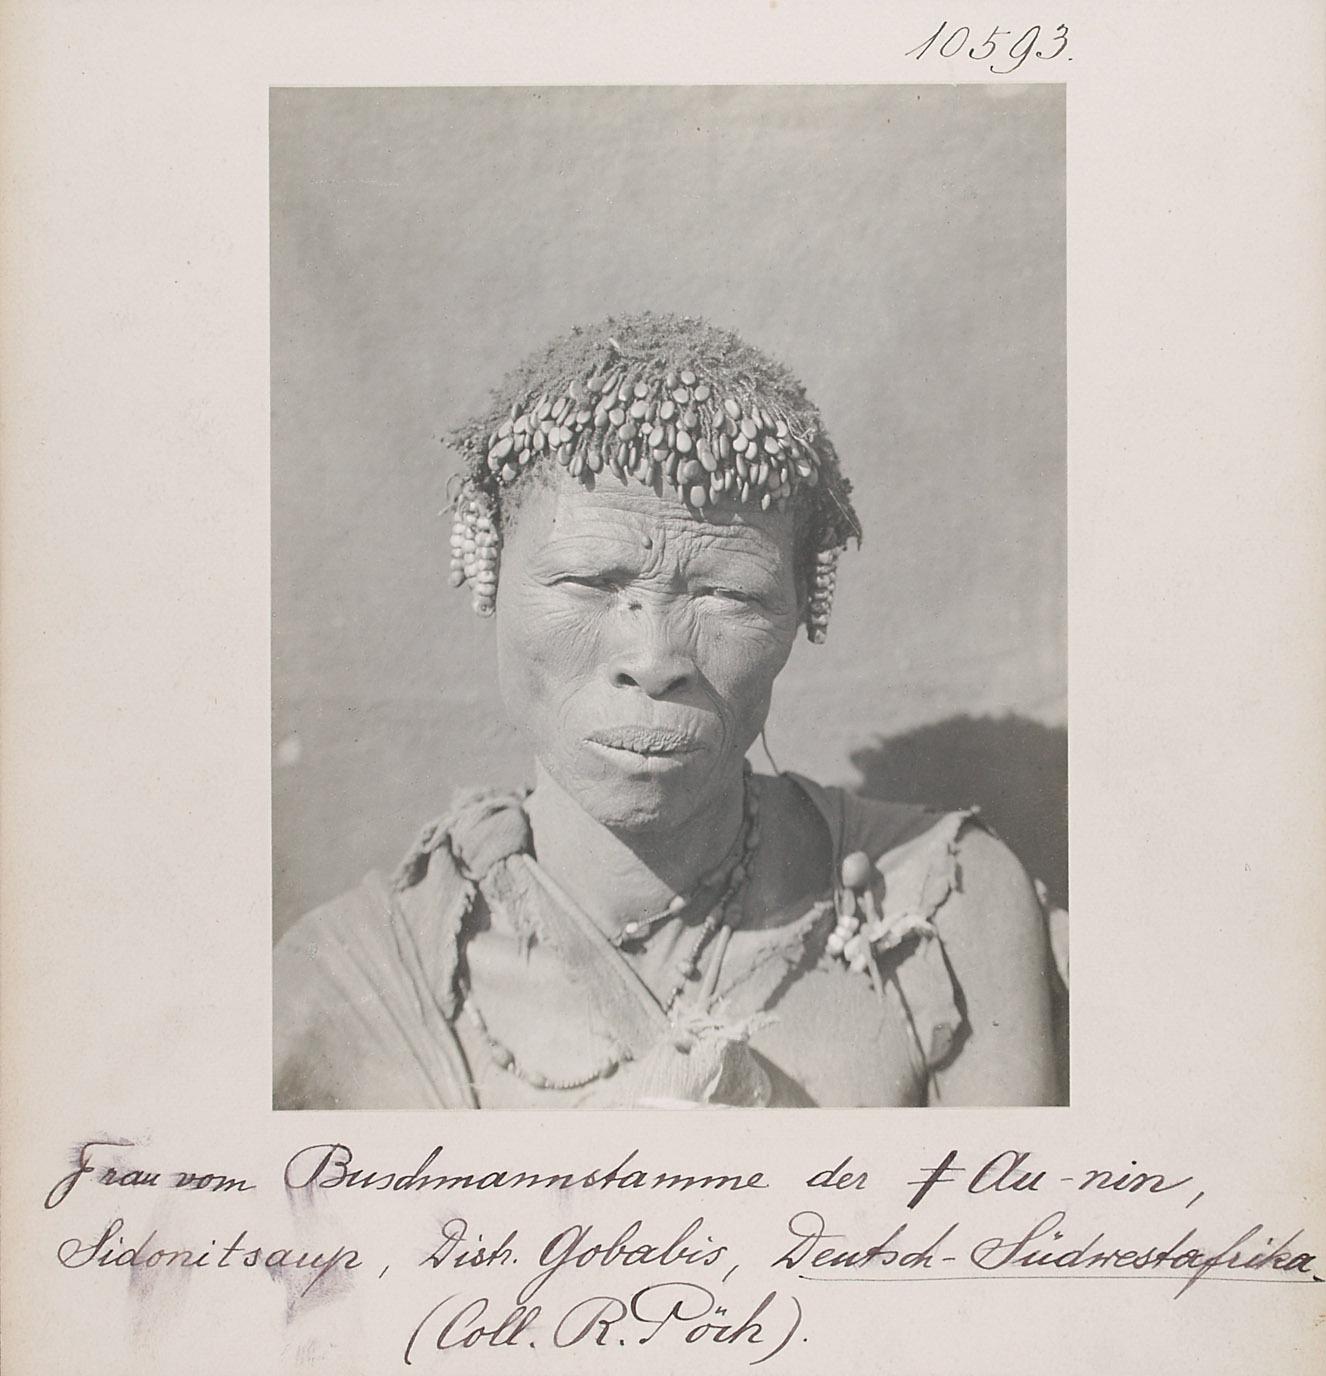 San-Frau der ǂ Au-nin, Sidonitsaup, Distr. Gobabis, Deutsch-Südwestafrika von Rudolf Pöch